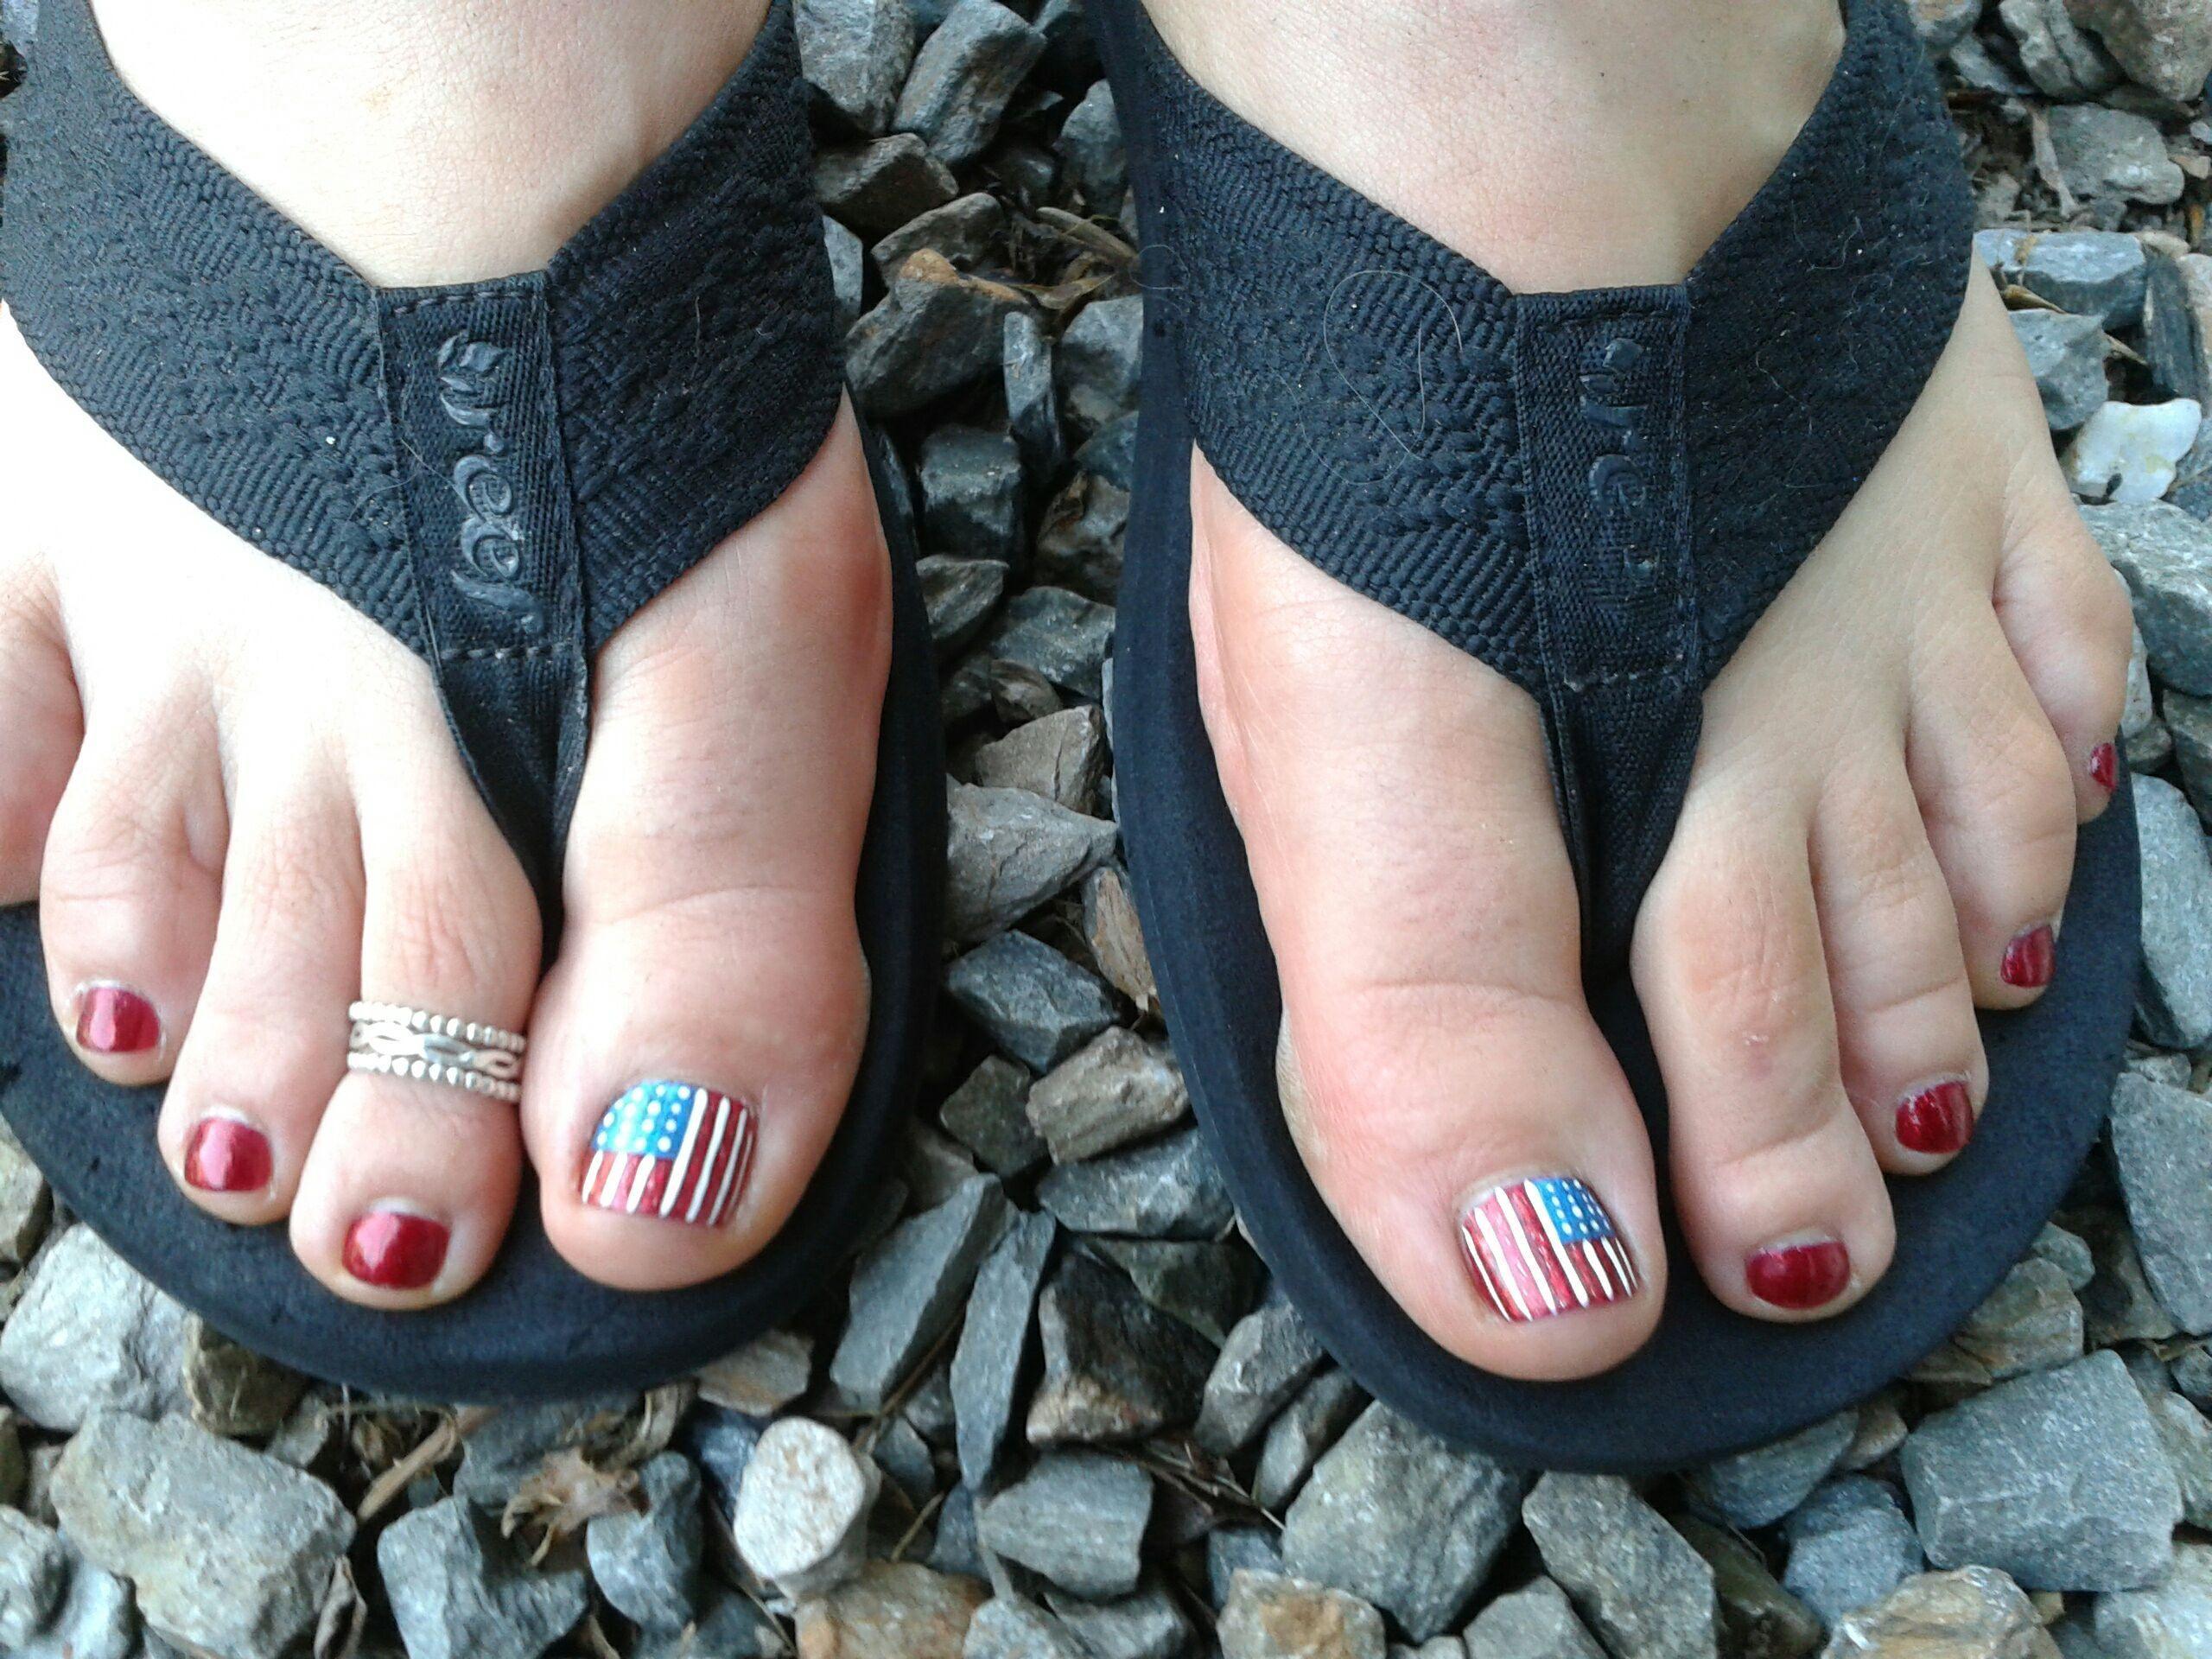 Patriot Pedi Nail Art By Niki Tunnessen At B Beautiful Salon In Leominster Ma Nail Art Beautiful Womens Flip Flop